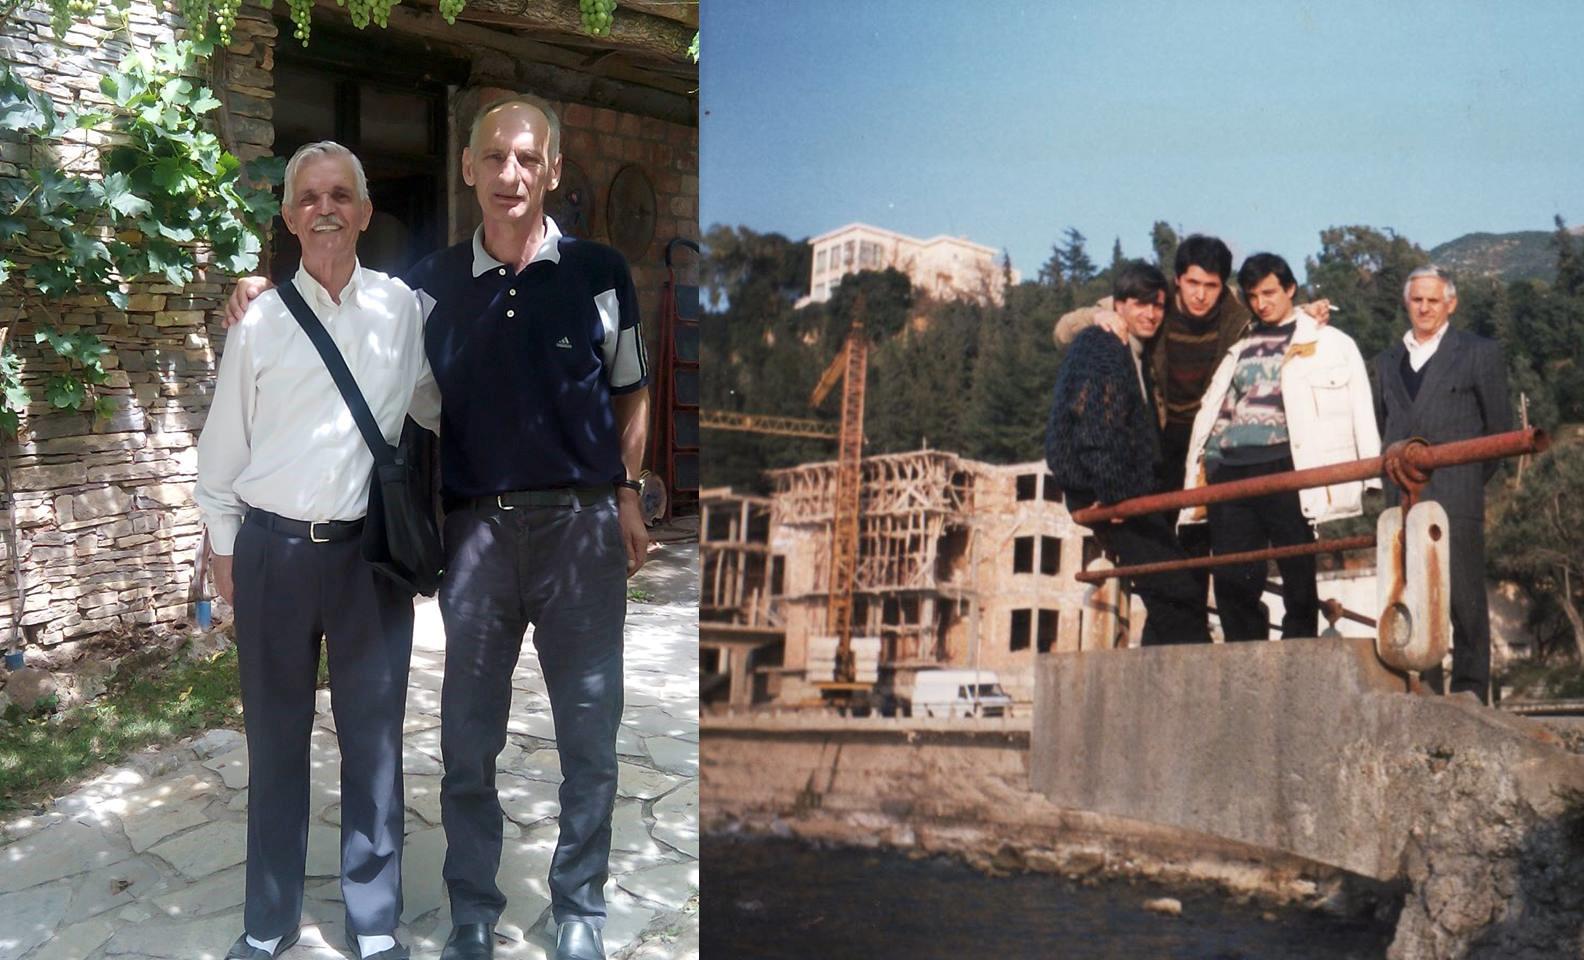 Baca Nysret Hajdari me bashkëveprimtarin Skender Ibishin dhe foto tjetër nga e majta Skender Hajdari, me mua (o. Osmanin), Faton e Ramush Topallin në vitin 1990